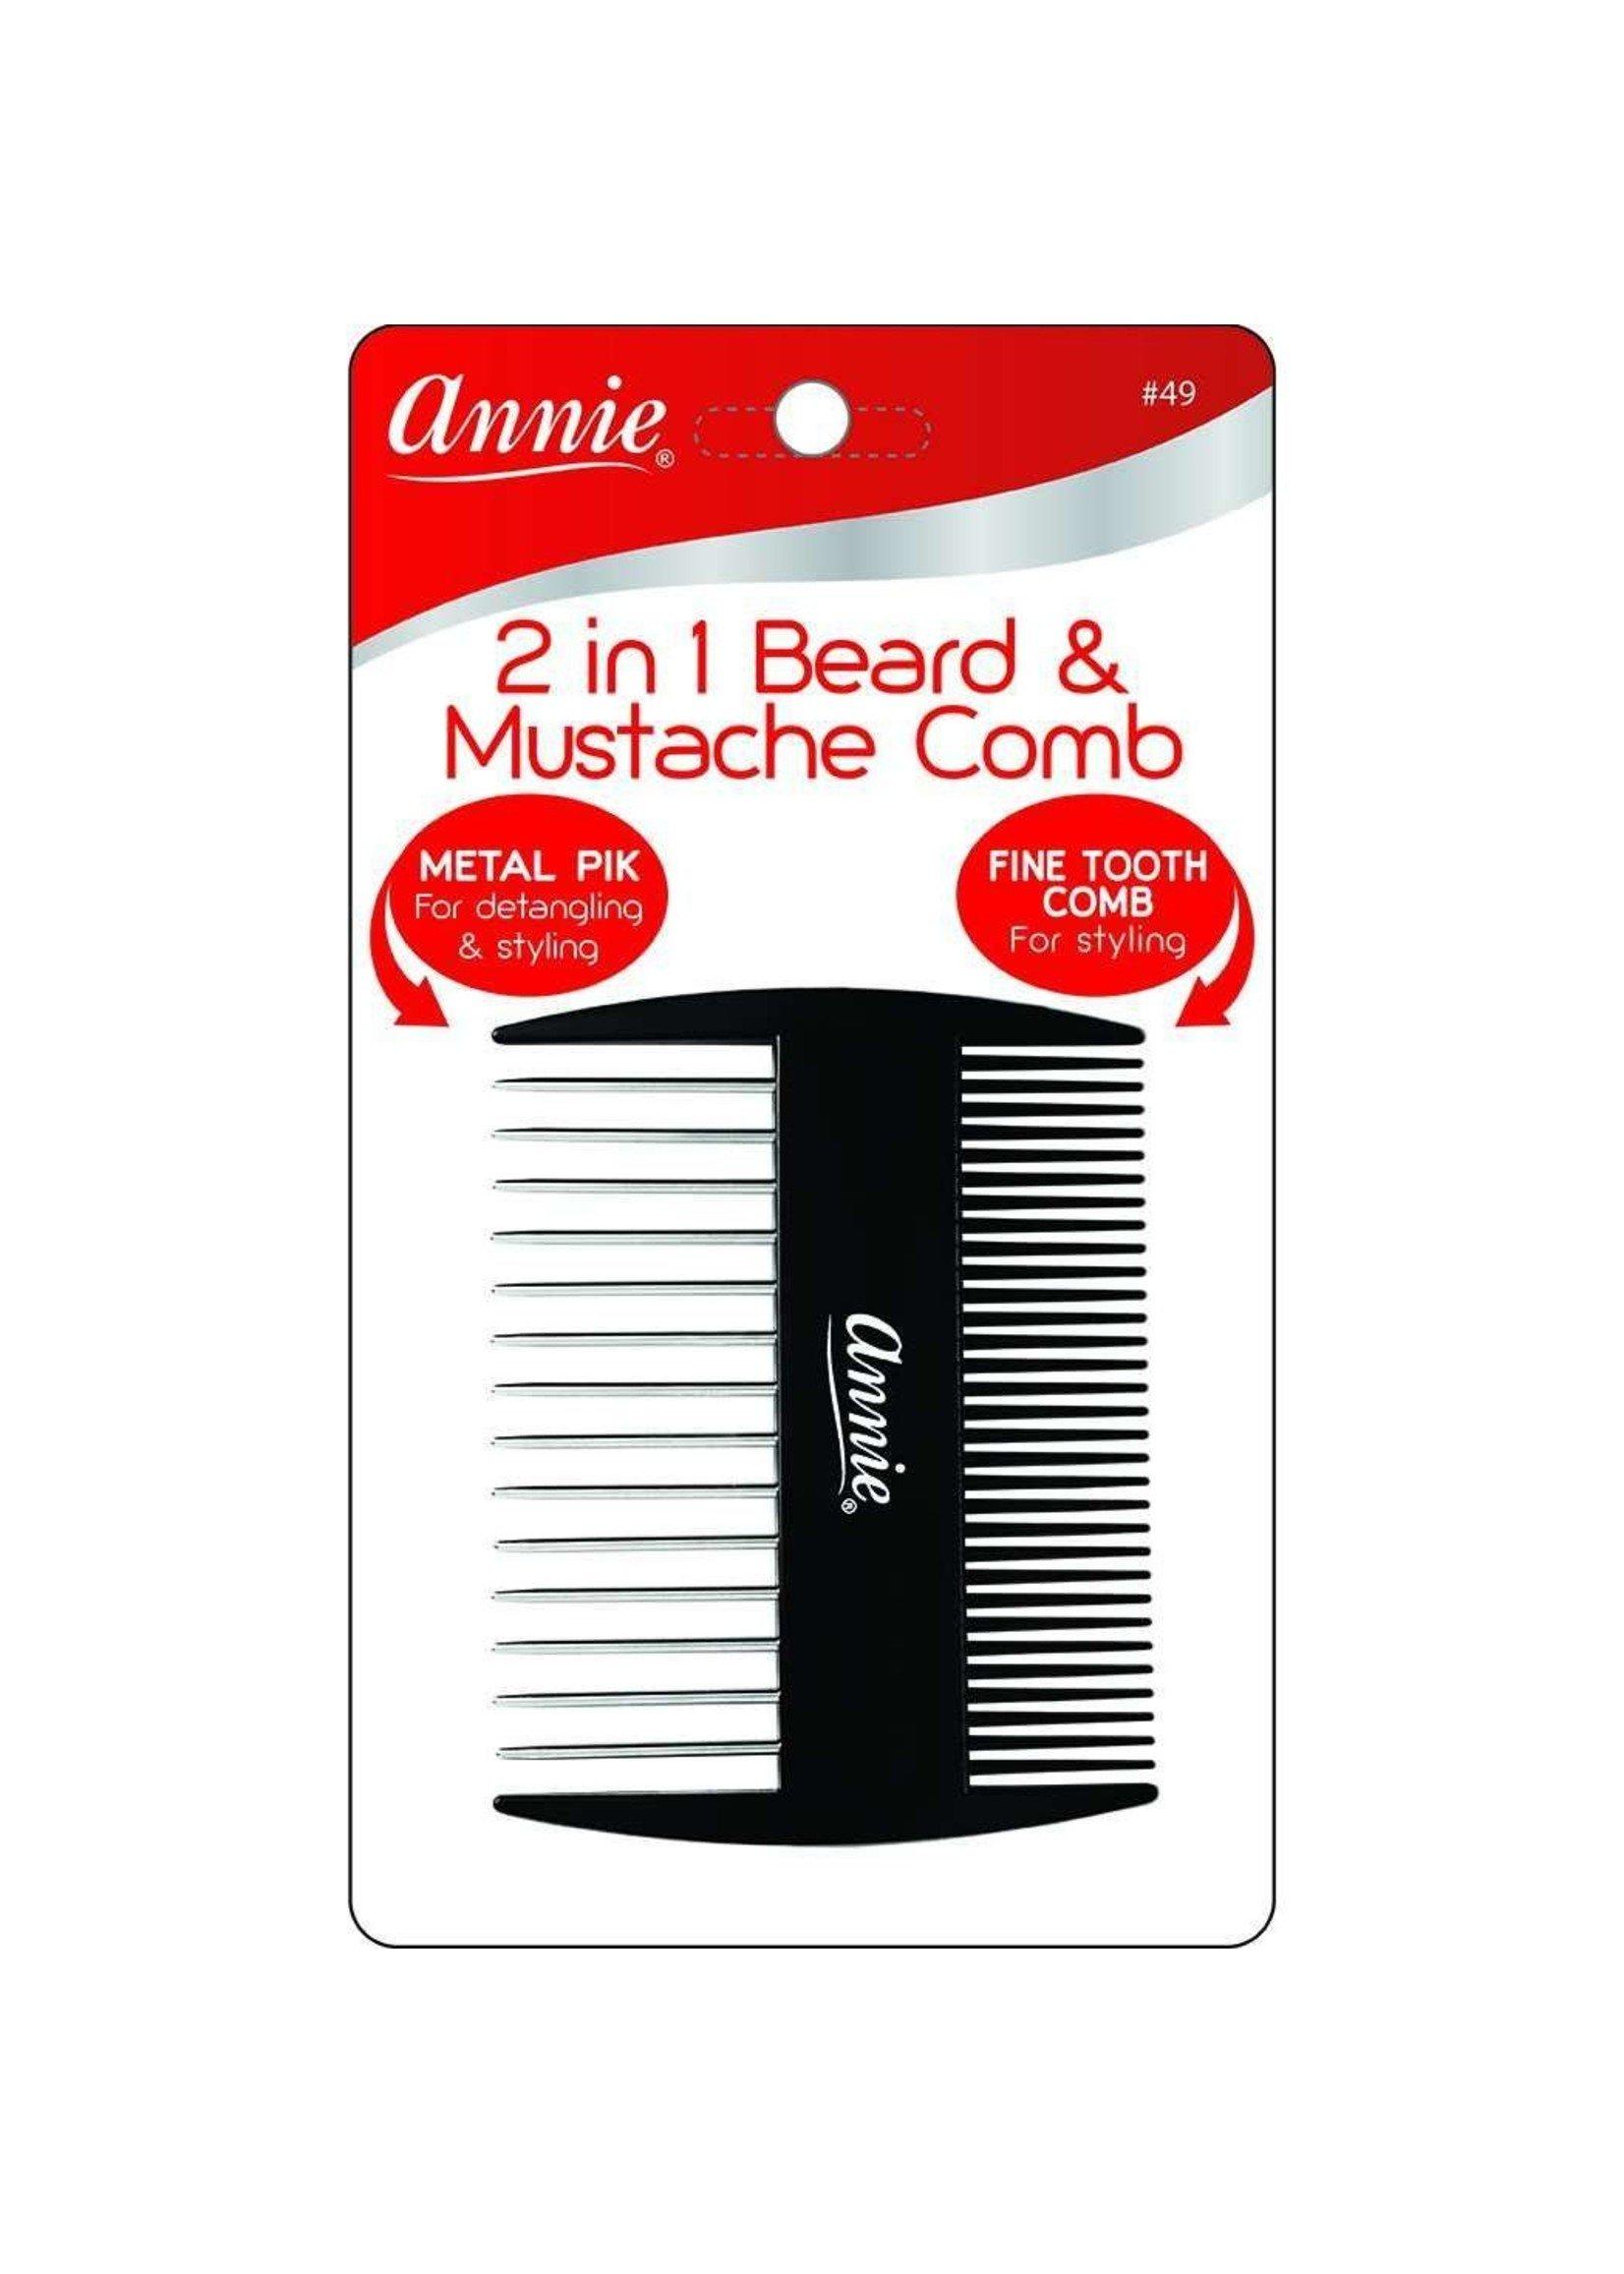 Annie 2 in 1 Beard/Mustache Comb